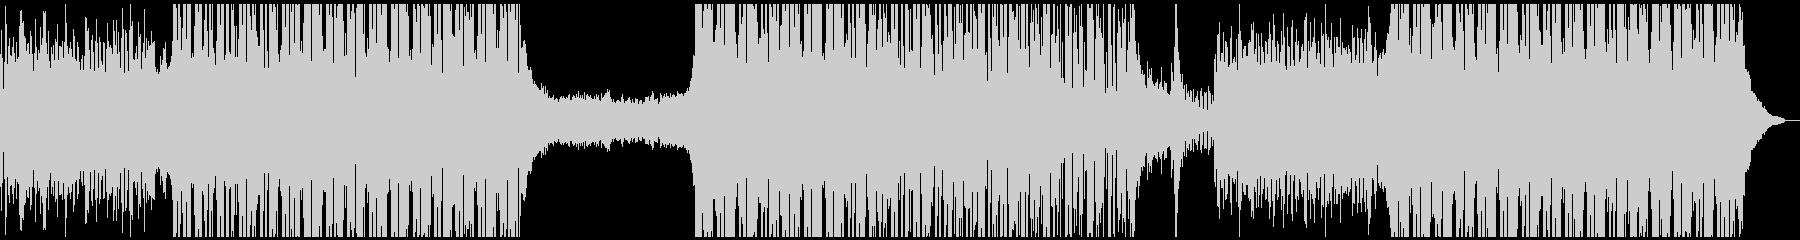 明るくポジティブなコーポレート/エ...の未再生の波形